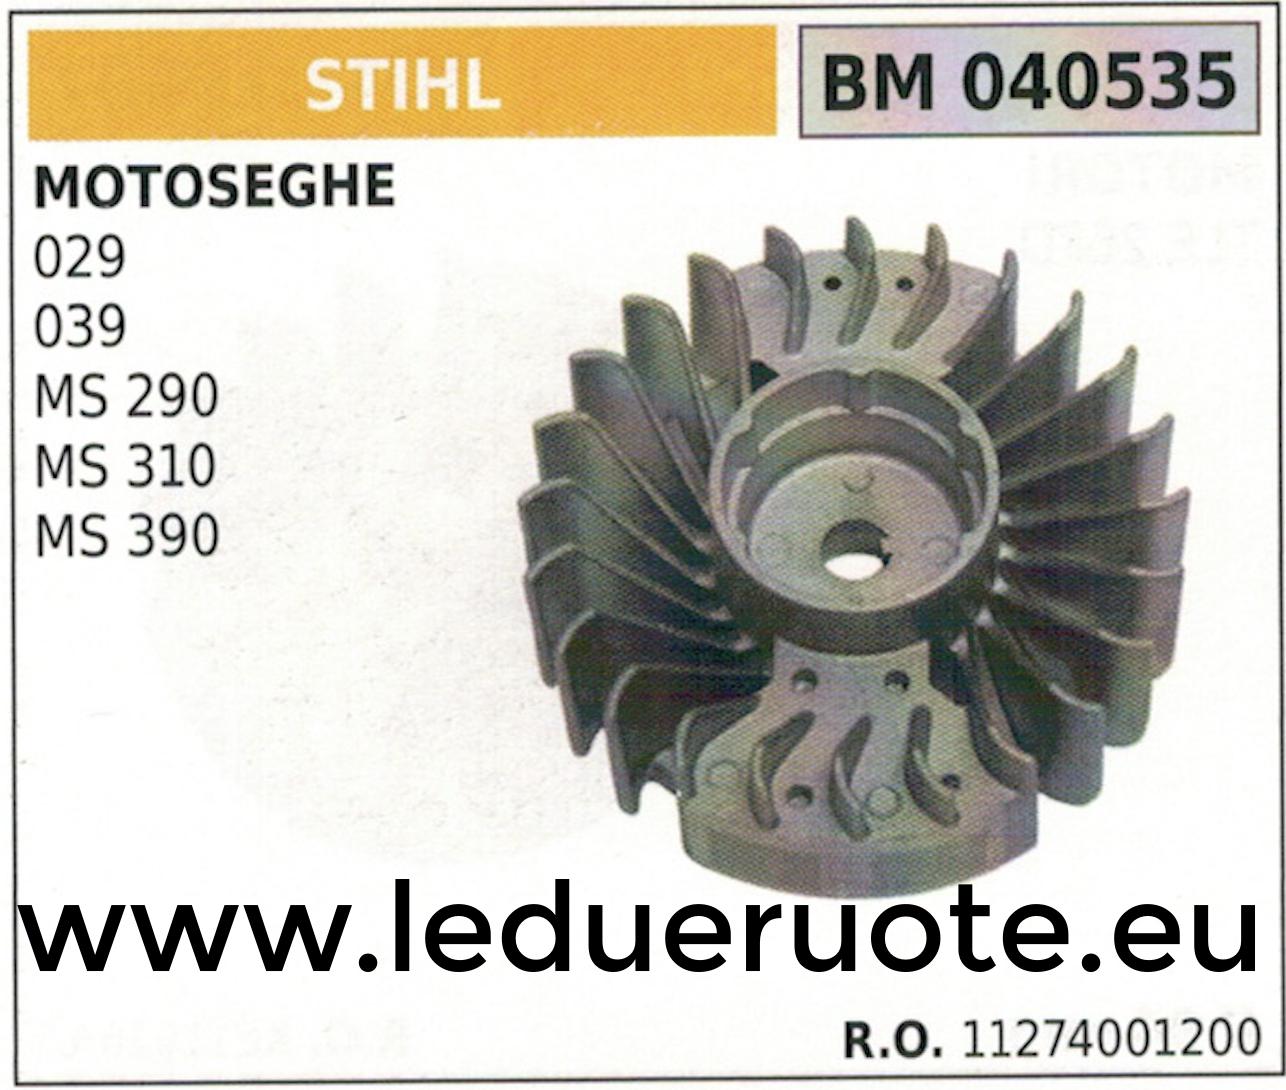 11274001200 VOLANO MAGNETICO magnete vento MOTOSEGA STIHL 029 039 MS 290 310 390